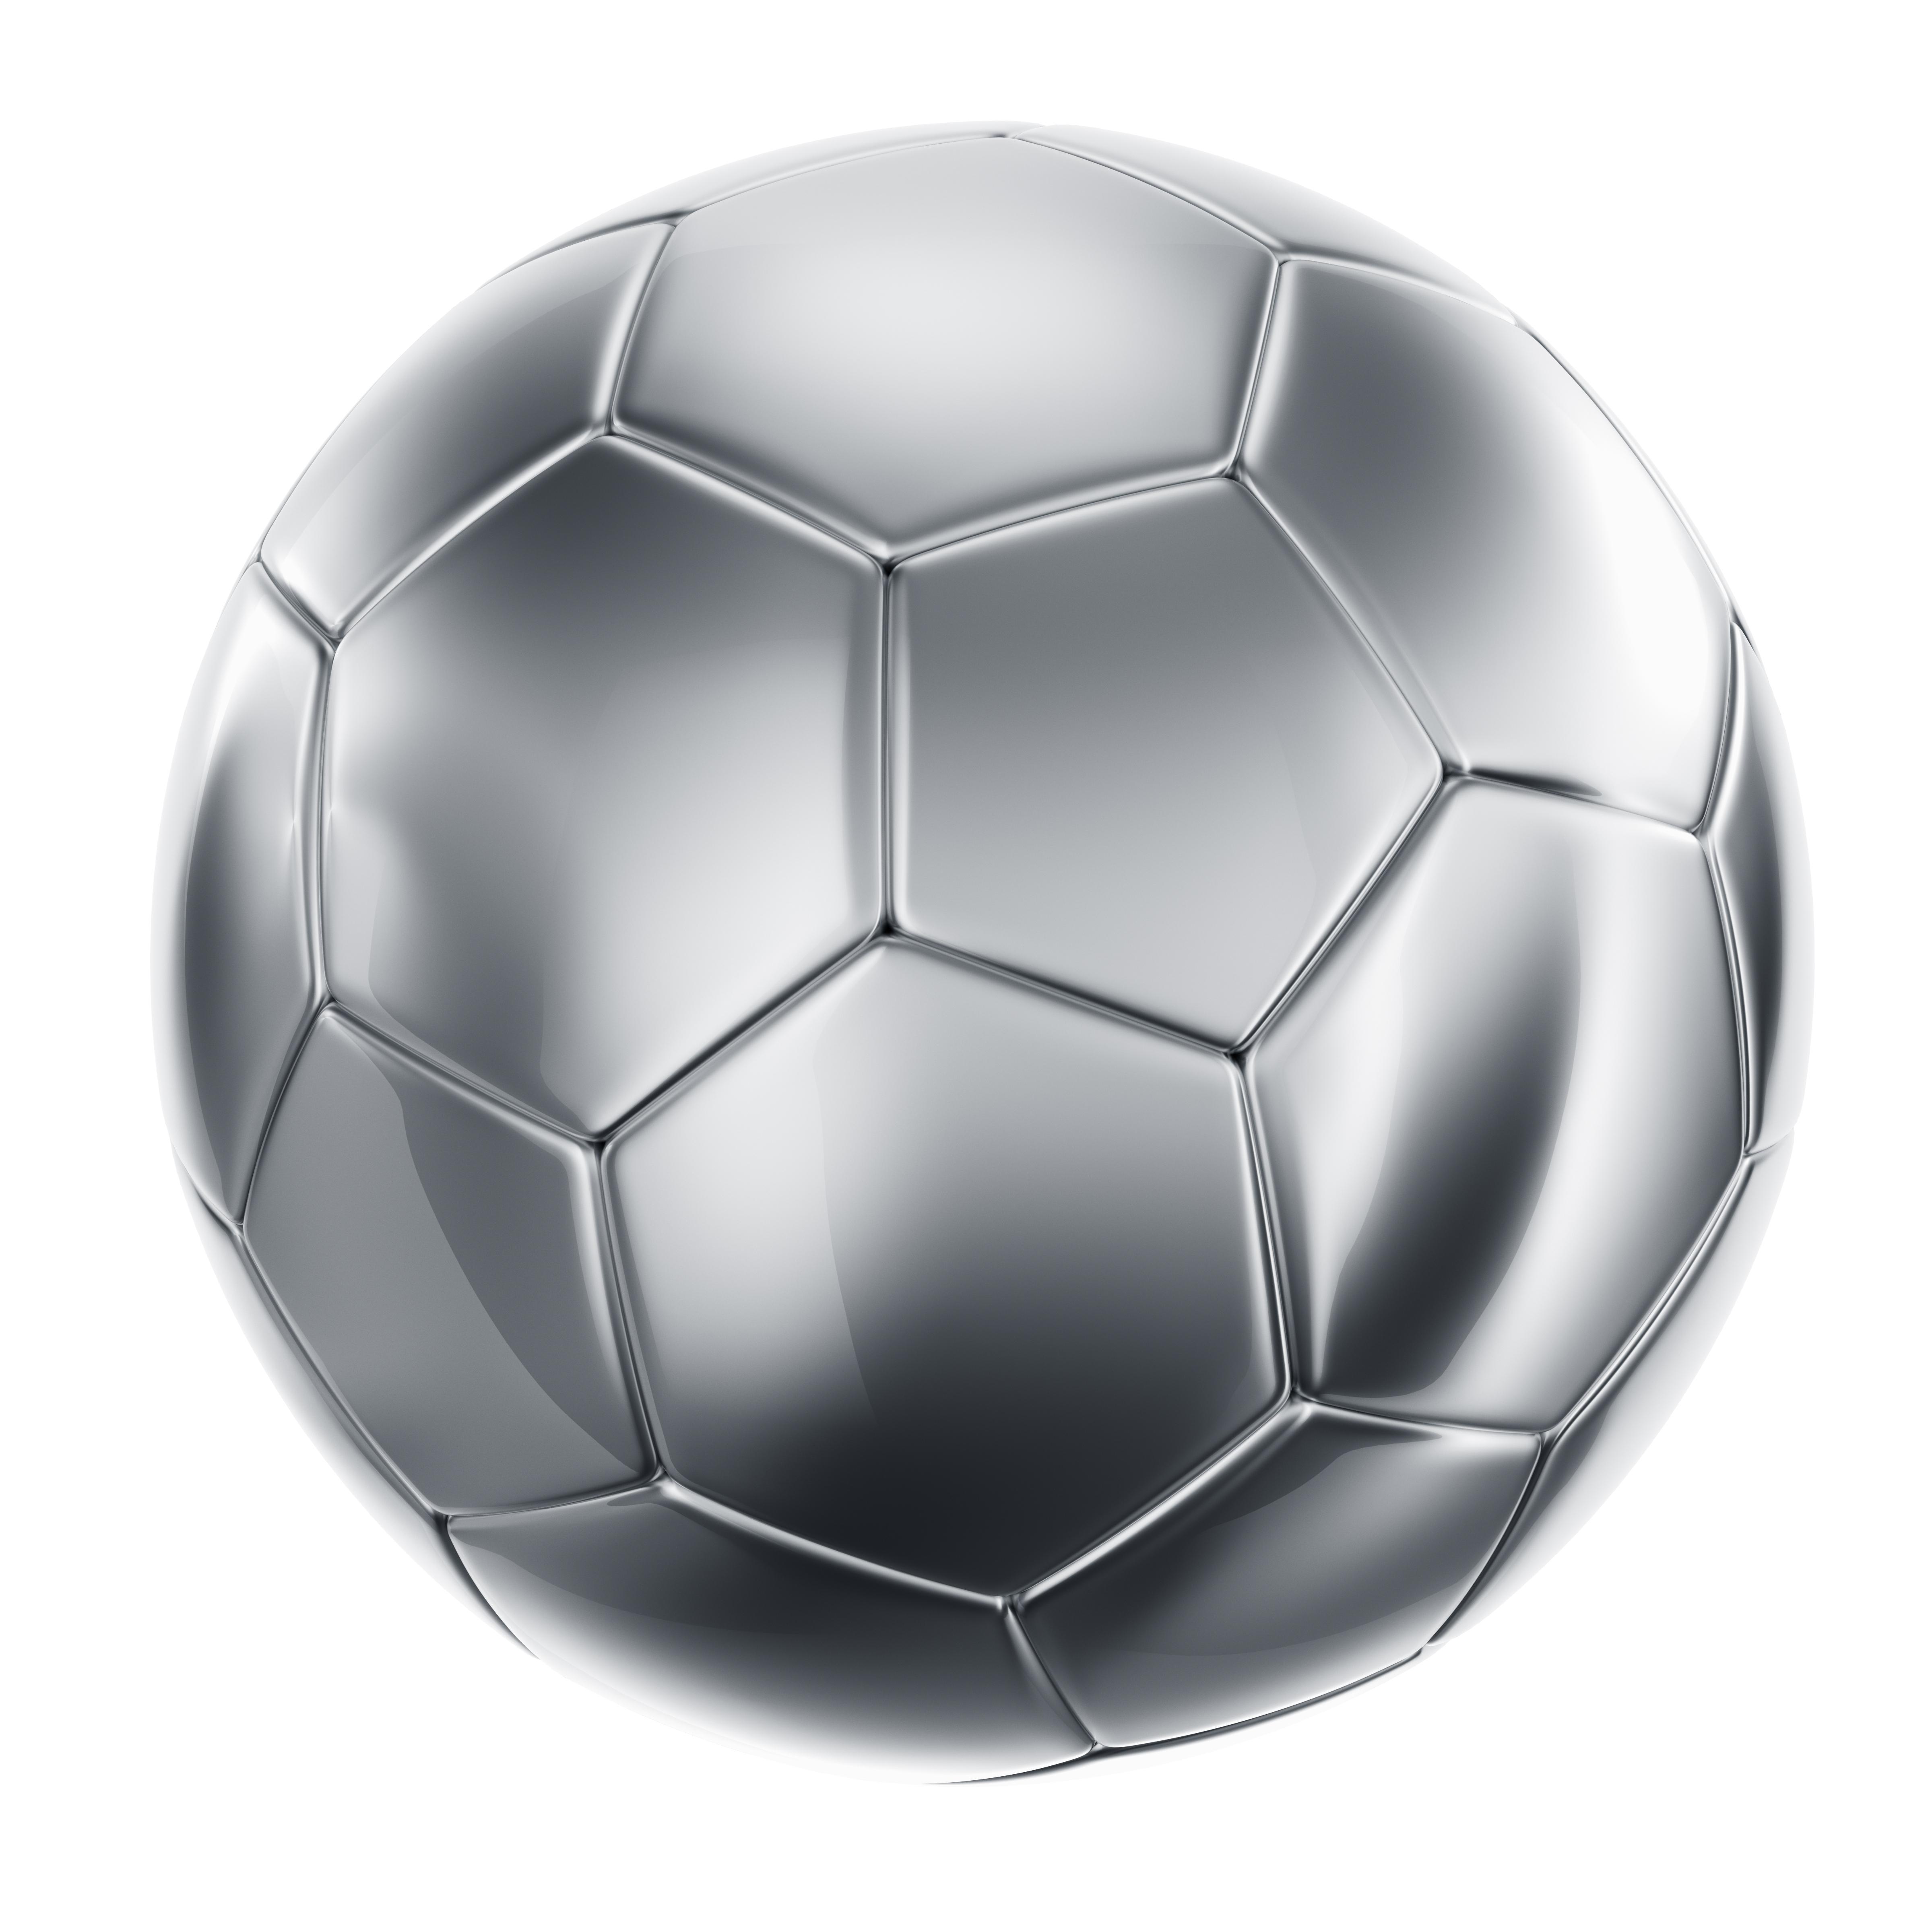 3D Soccer Ball Vector